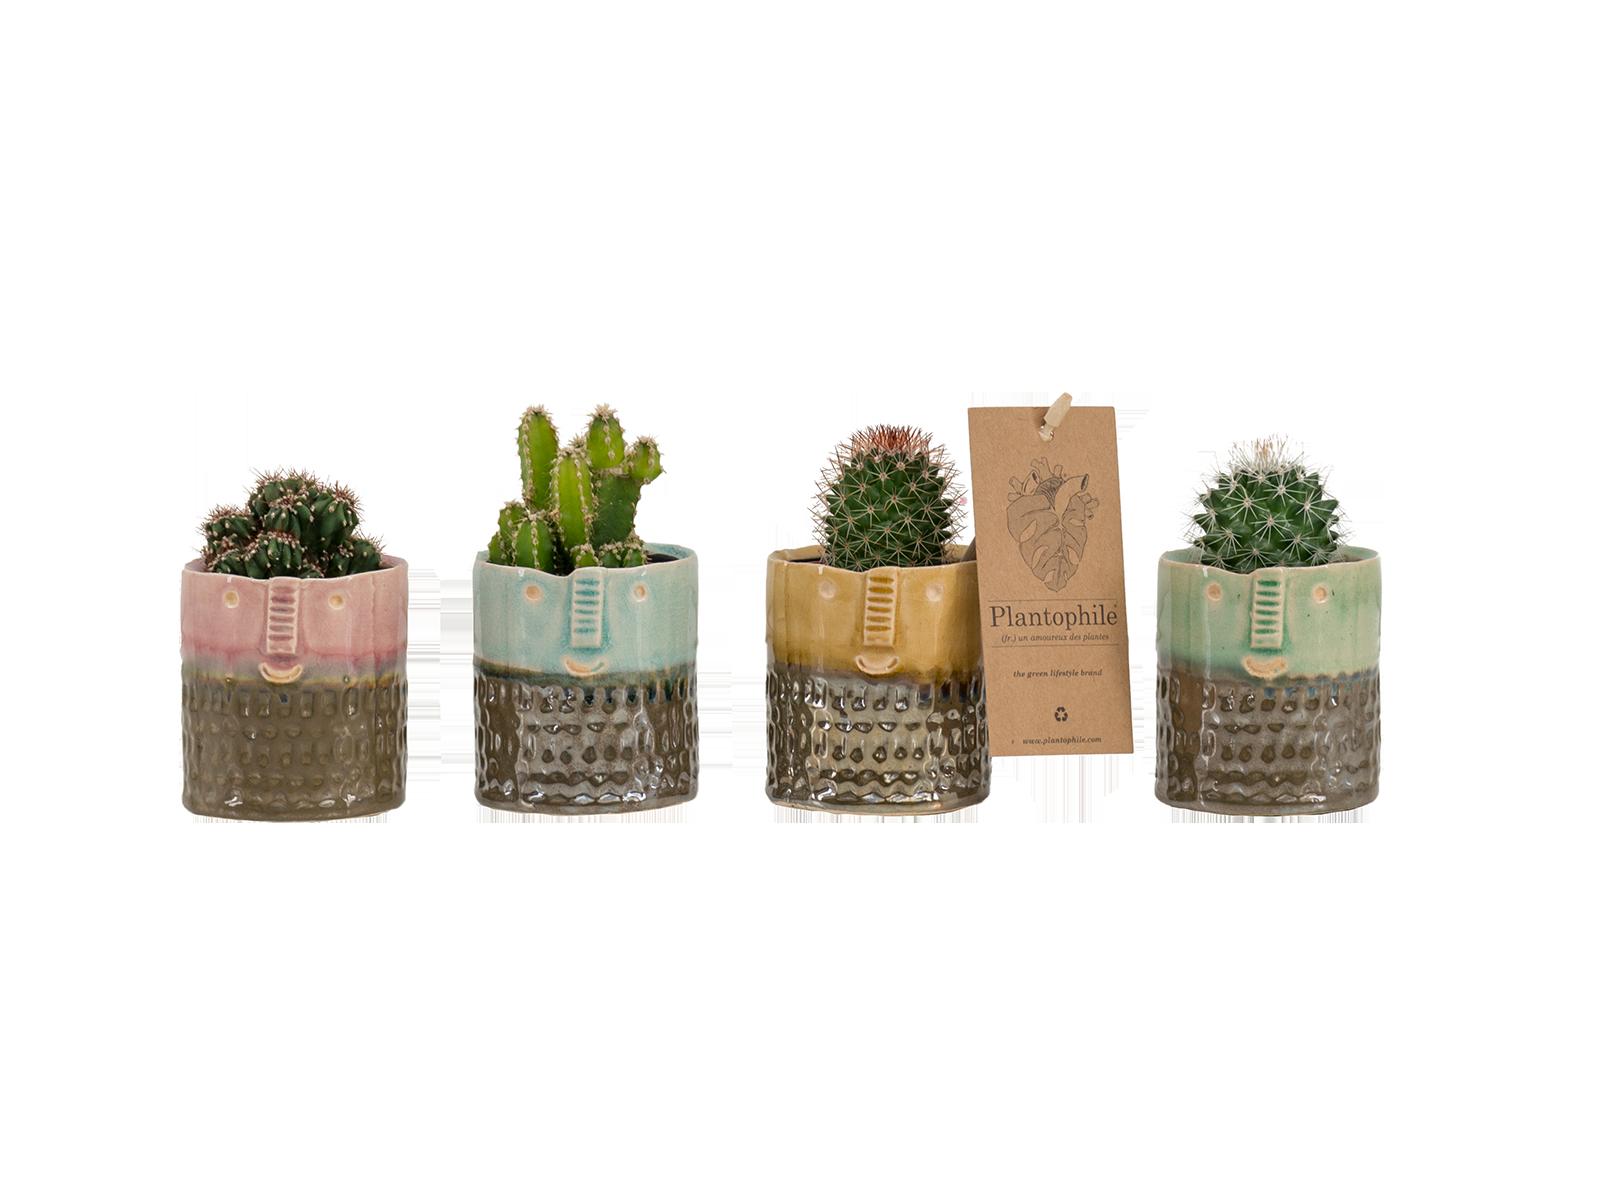 Face pots Yannique small - design by Plantophile